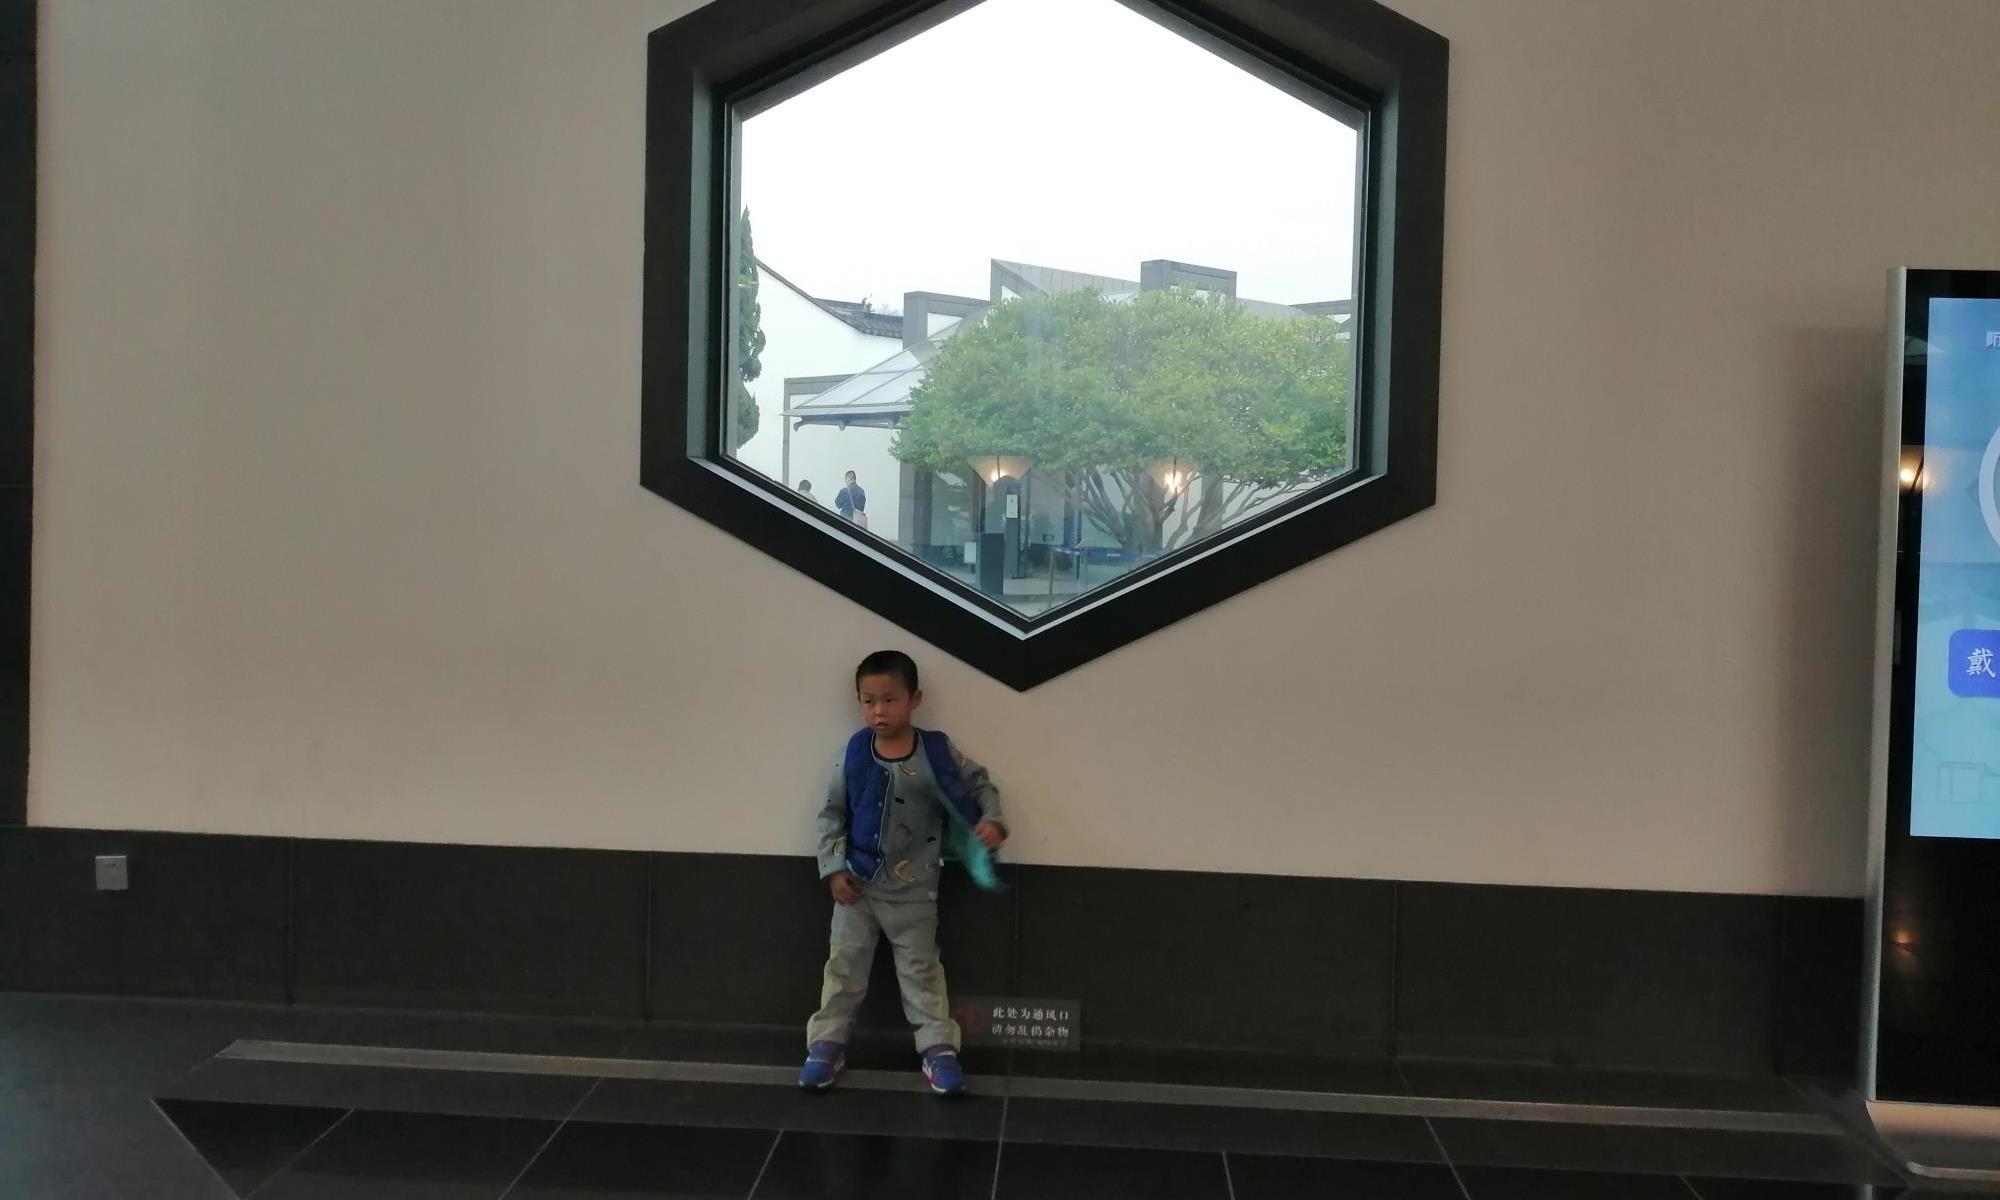 苏州博物馆游记